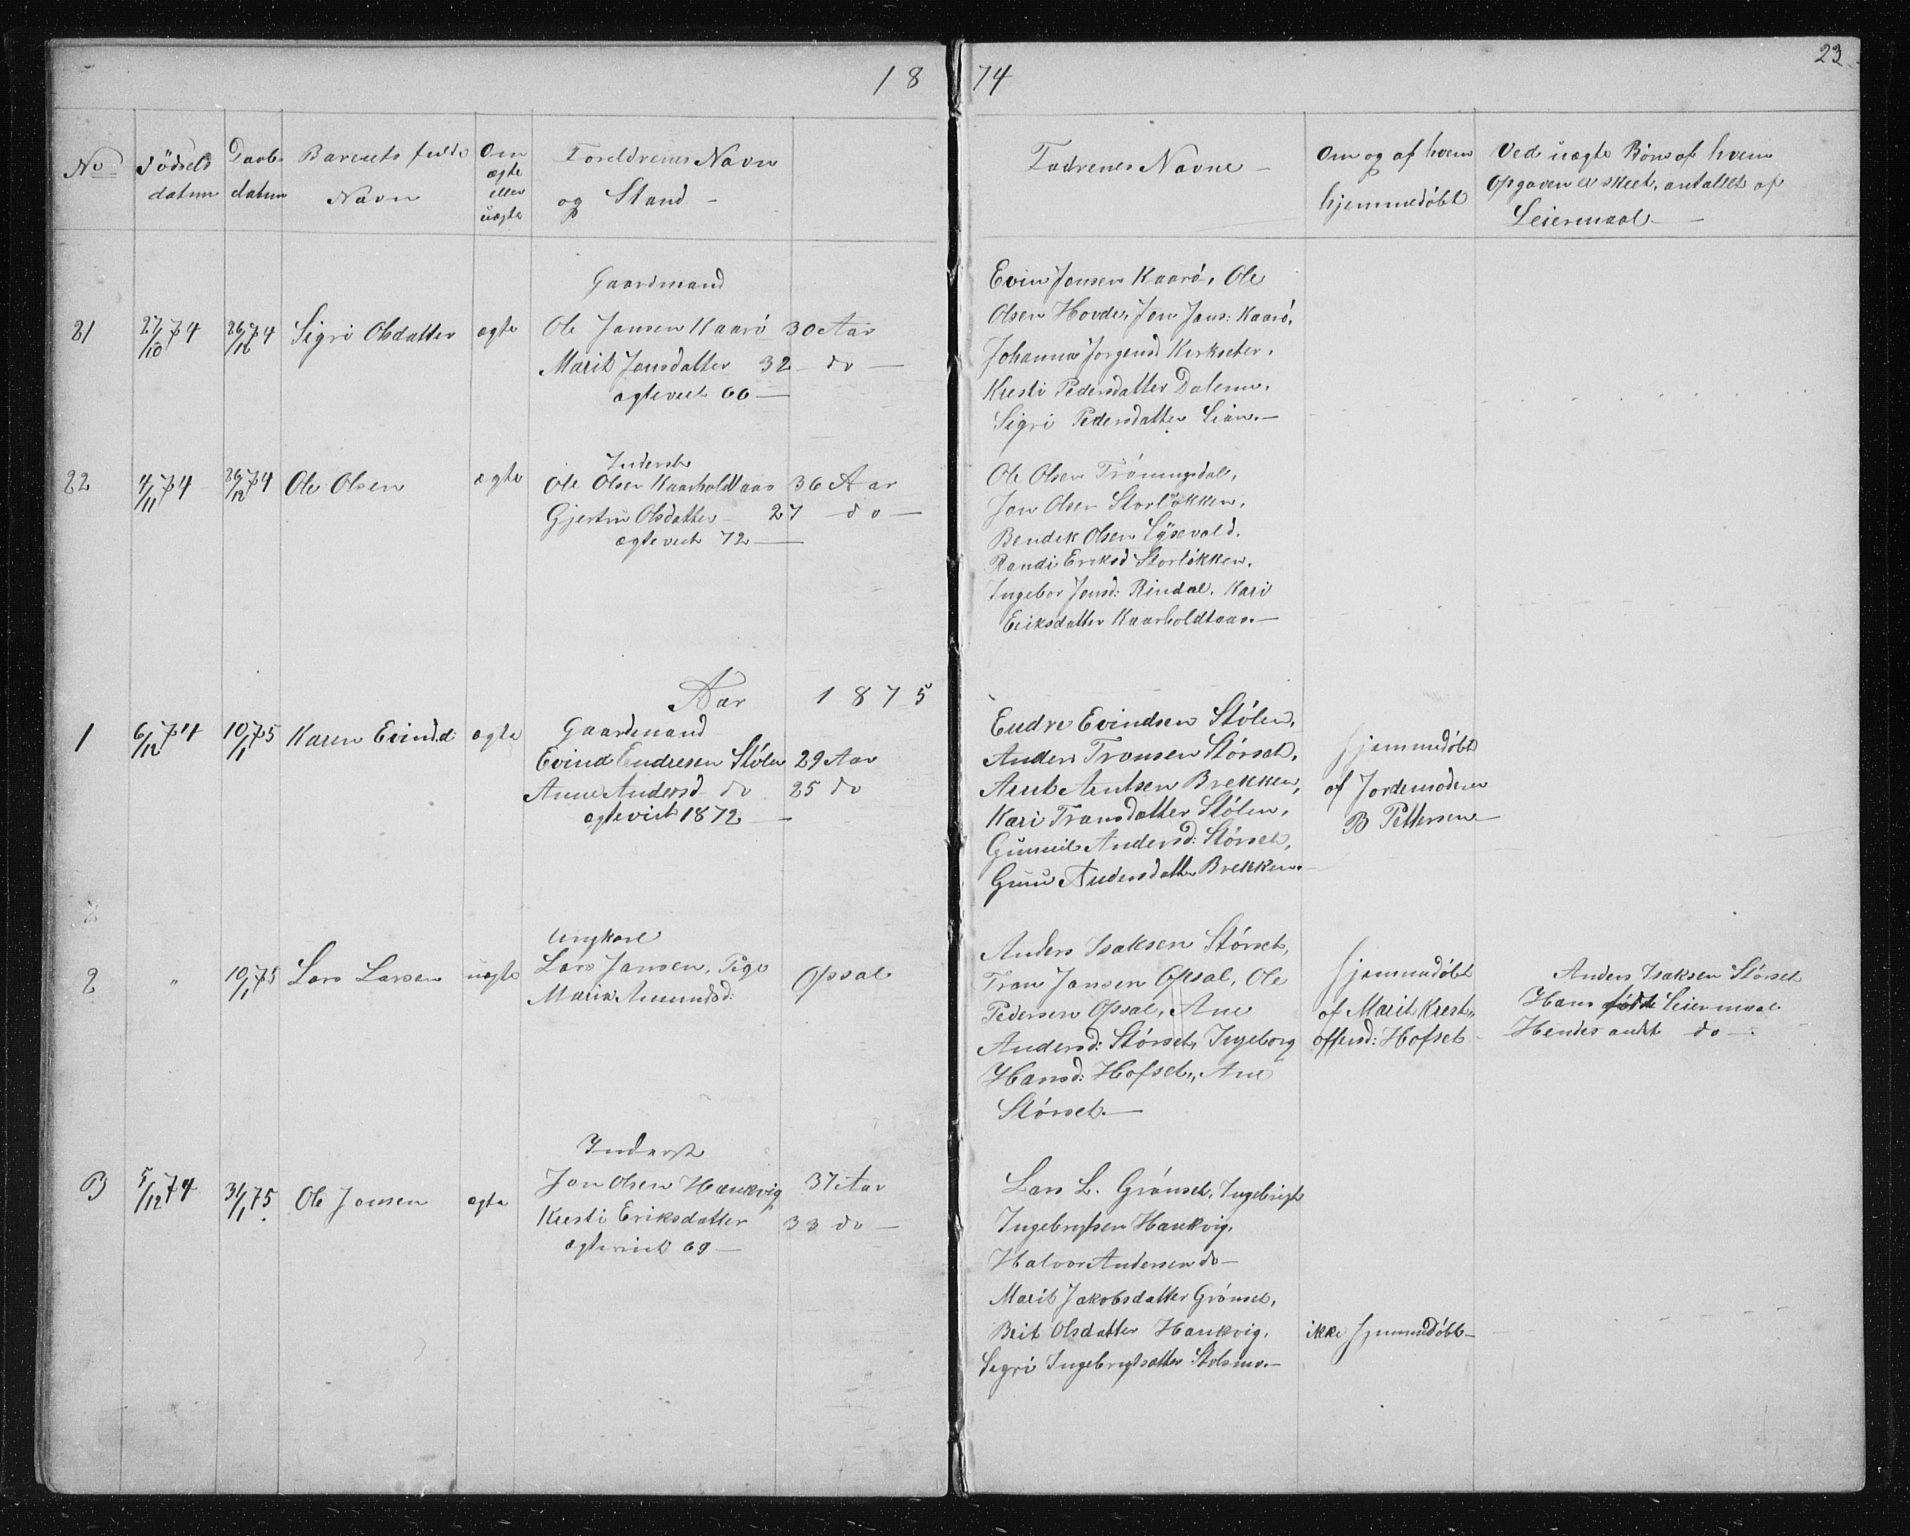 SAT, Ministerialprotokoller, klokkerbøker og fødselsregistre - Sør-Trøndelag, 631/L0513: Klokkerbok nr. 631C01, 1869-1879, s. 23